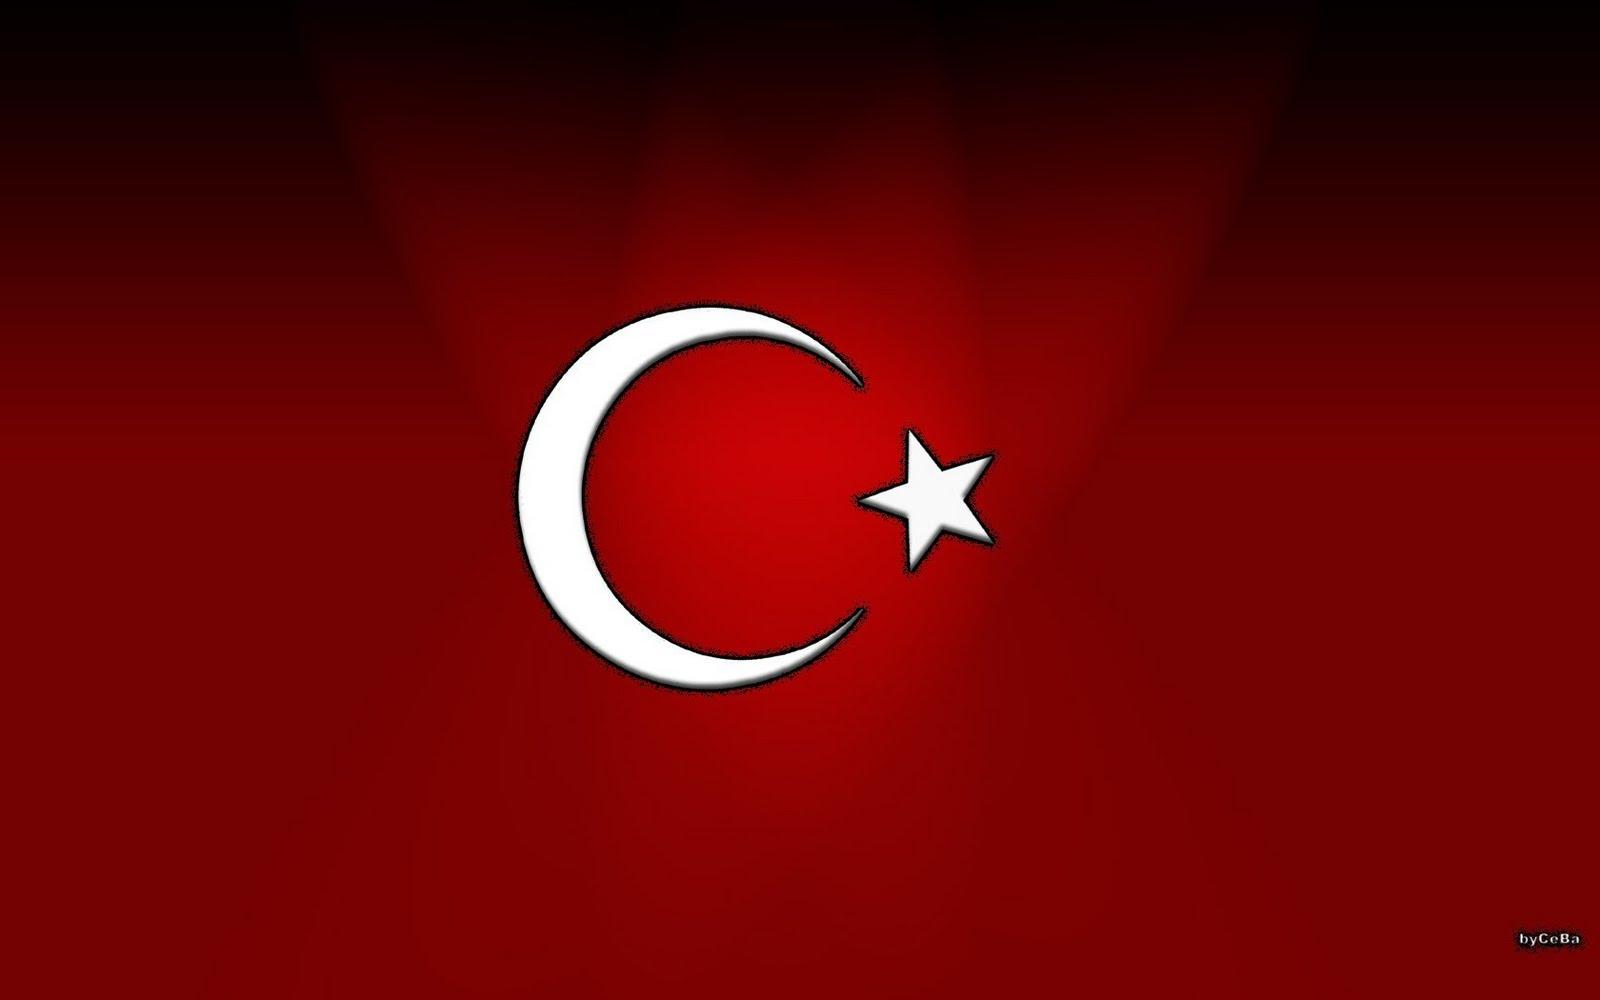 http://1.bp.blogspot.com/-9Hv9Z1y9yGM/Tdw95EQ2EfI/AAAAAAAACMY/yLXqO99Wn9I/s1600/flag_bayrak_2.jpg